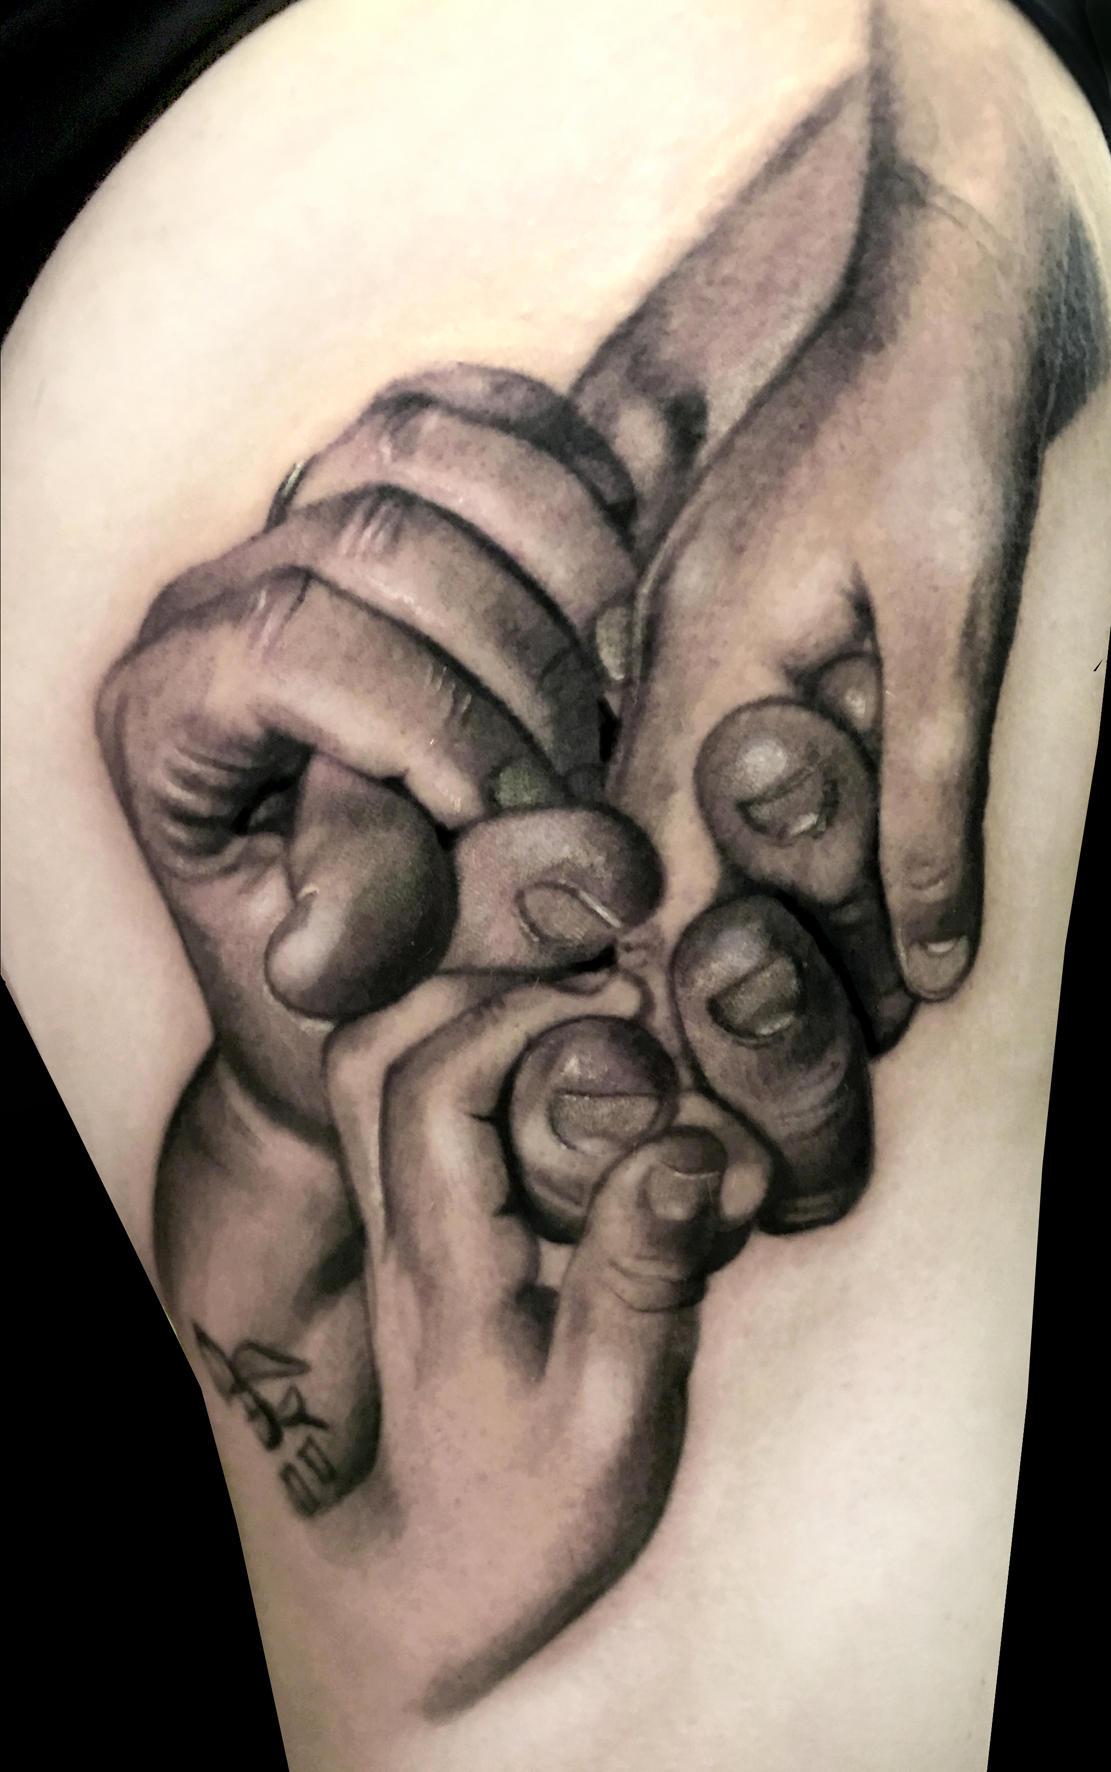 I tatuaggi realistici: opere d'arte sulla pelle